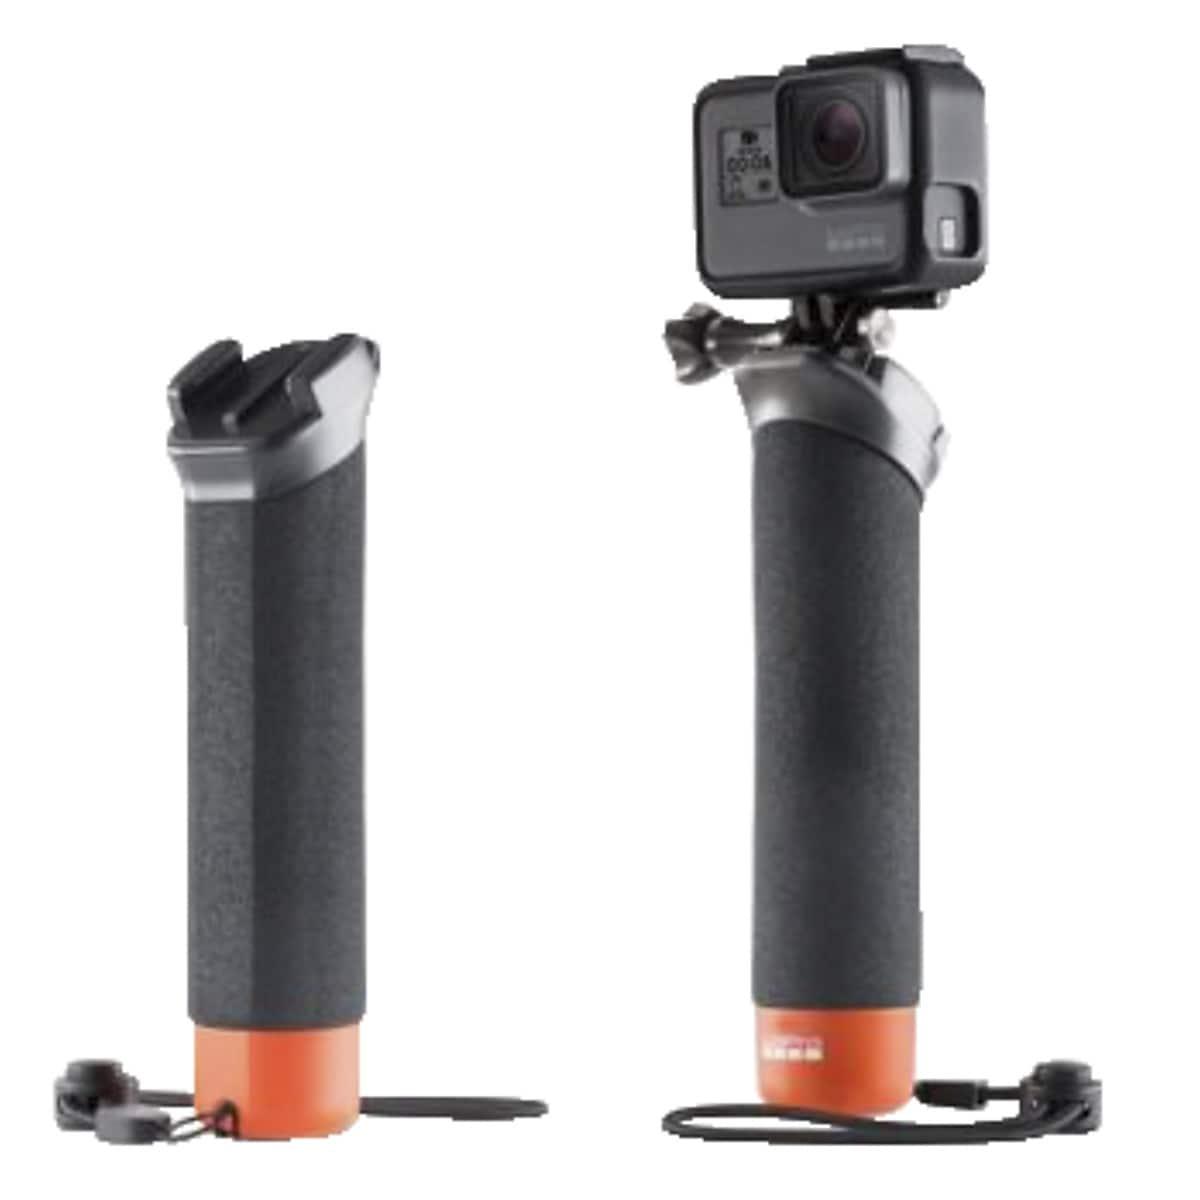 Flytande handtag GoPro The Handler